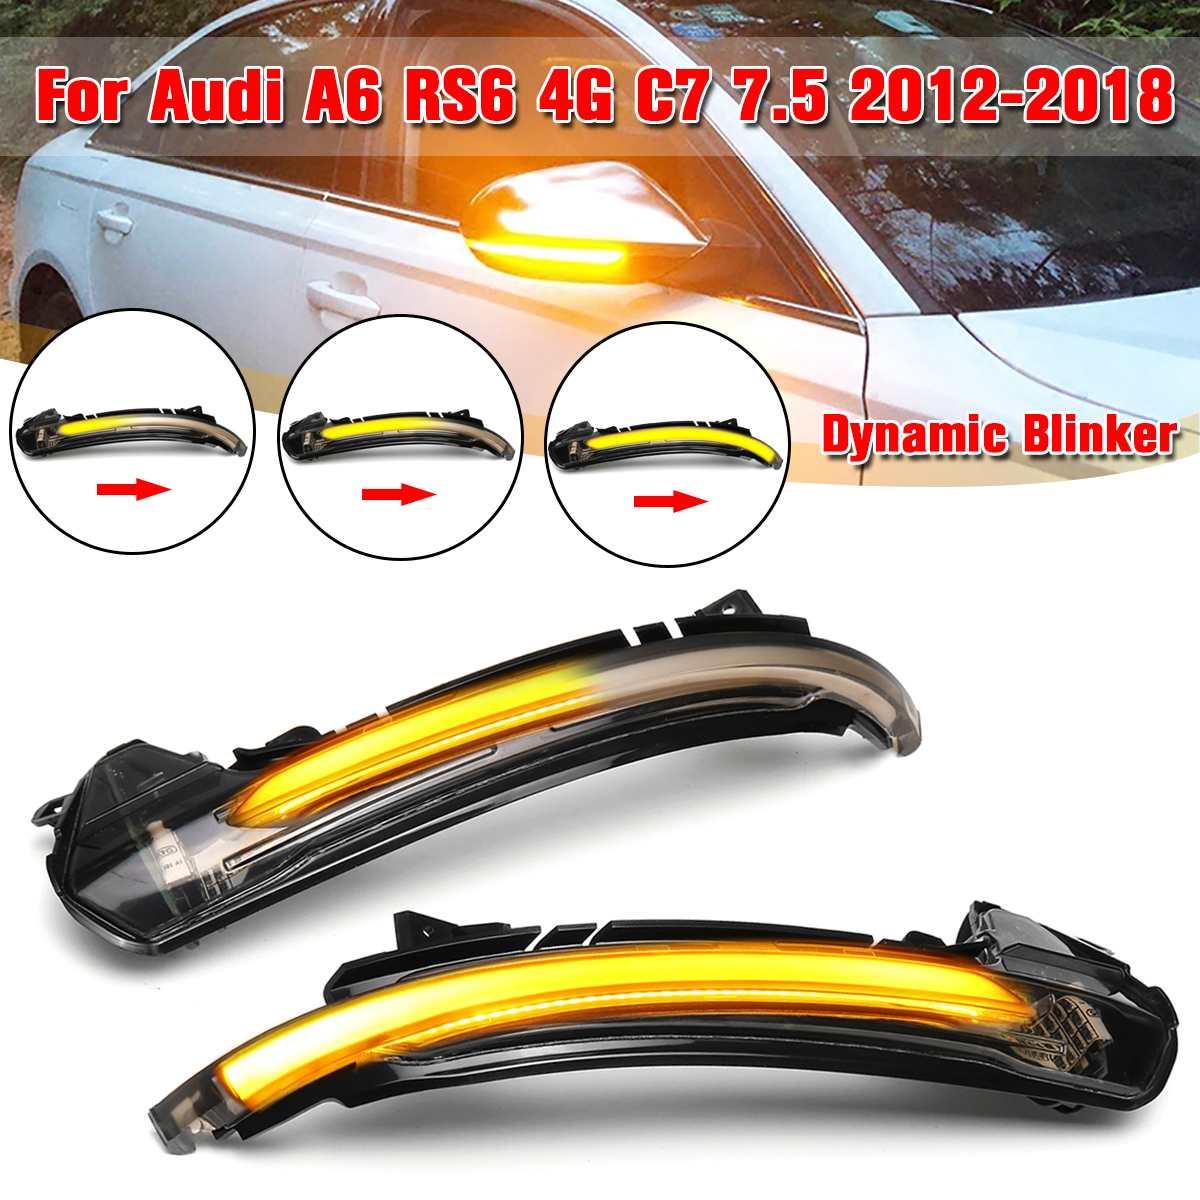 2 pièces Voiture Côté Miroir Dynamique Clignotant indicateur LED Clignotant pour Audi A6 RS6 4G C7 7.5 2012 2013 2014 2015 2016 2017 2018